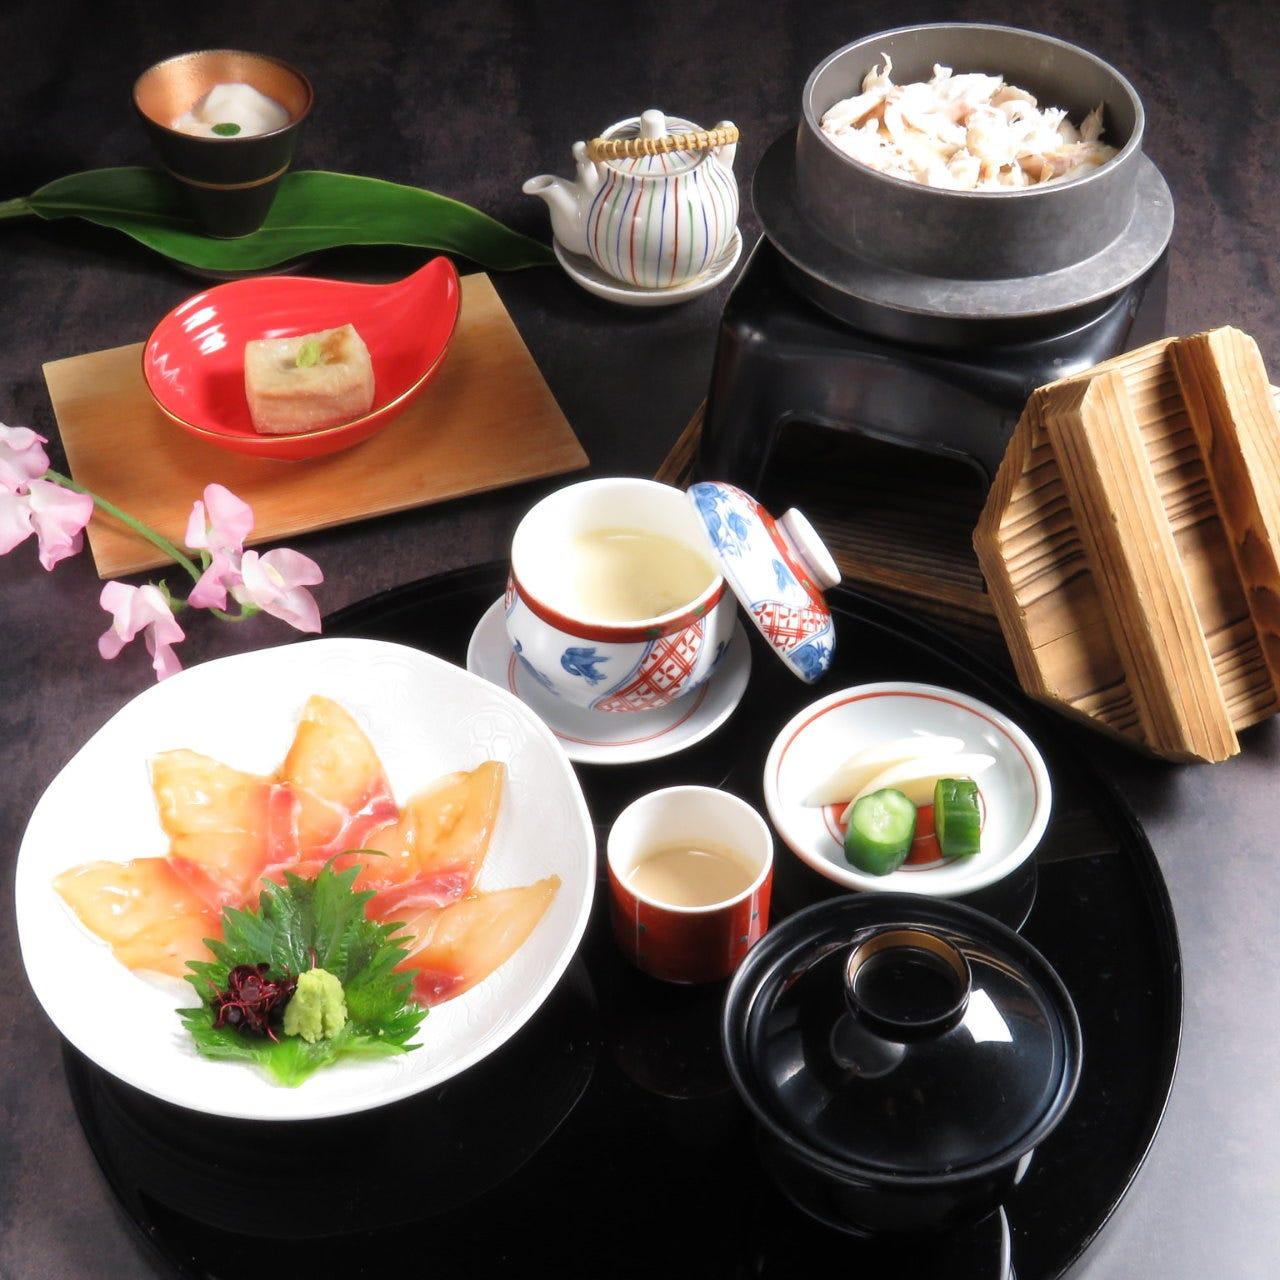 鯛茶懐石 デザート・コーヒー付き6品 3,850円税込